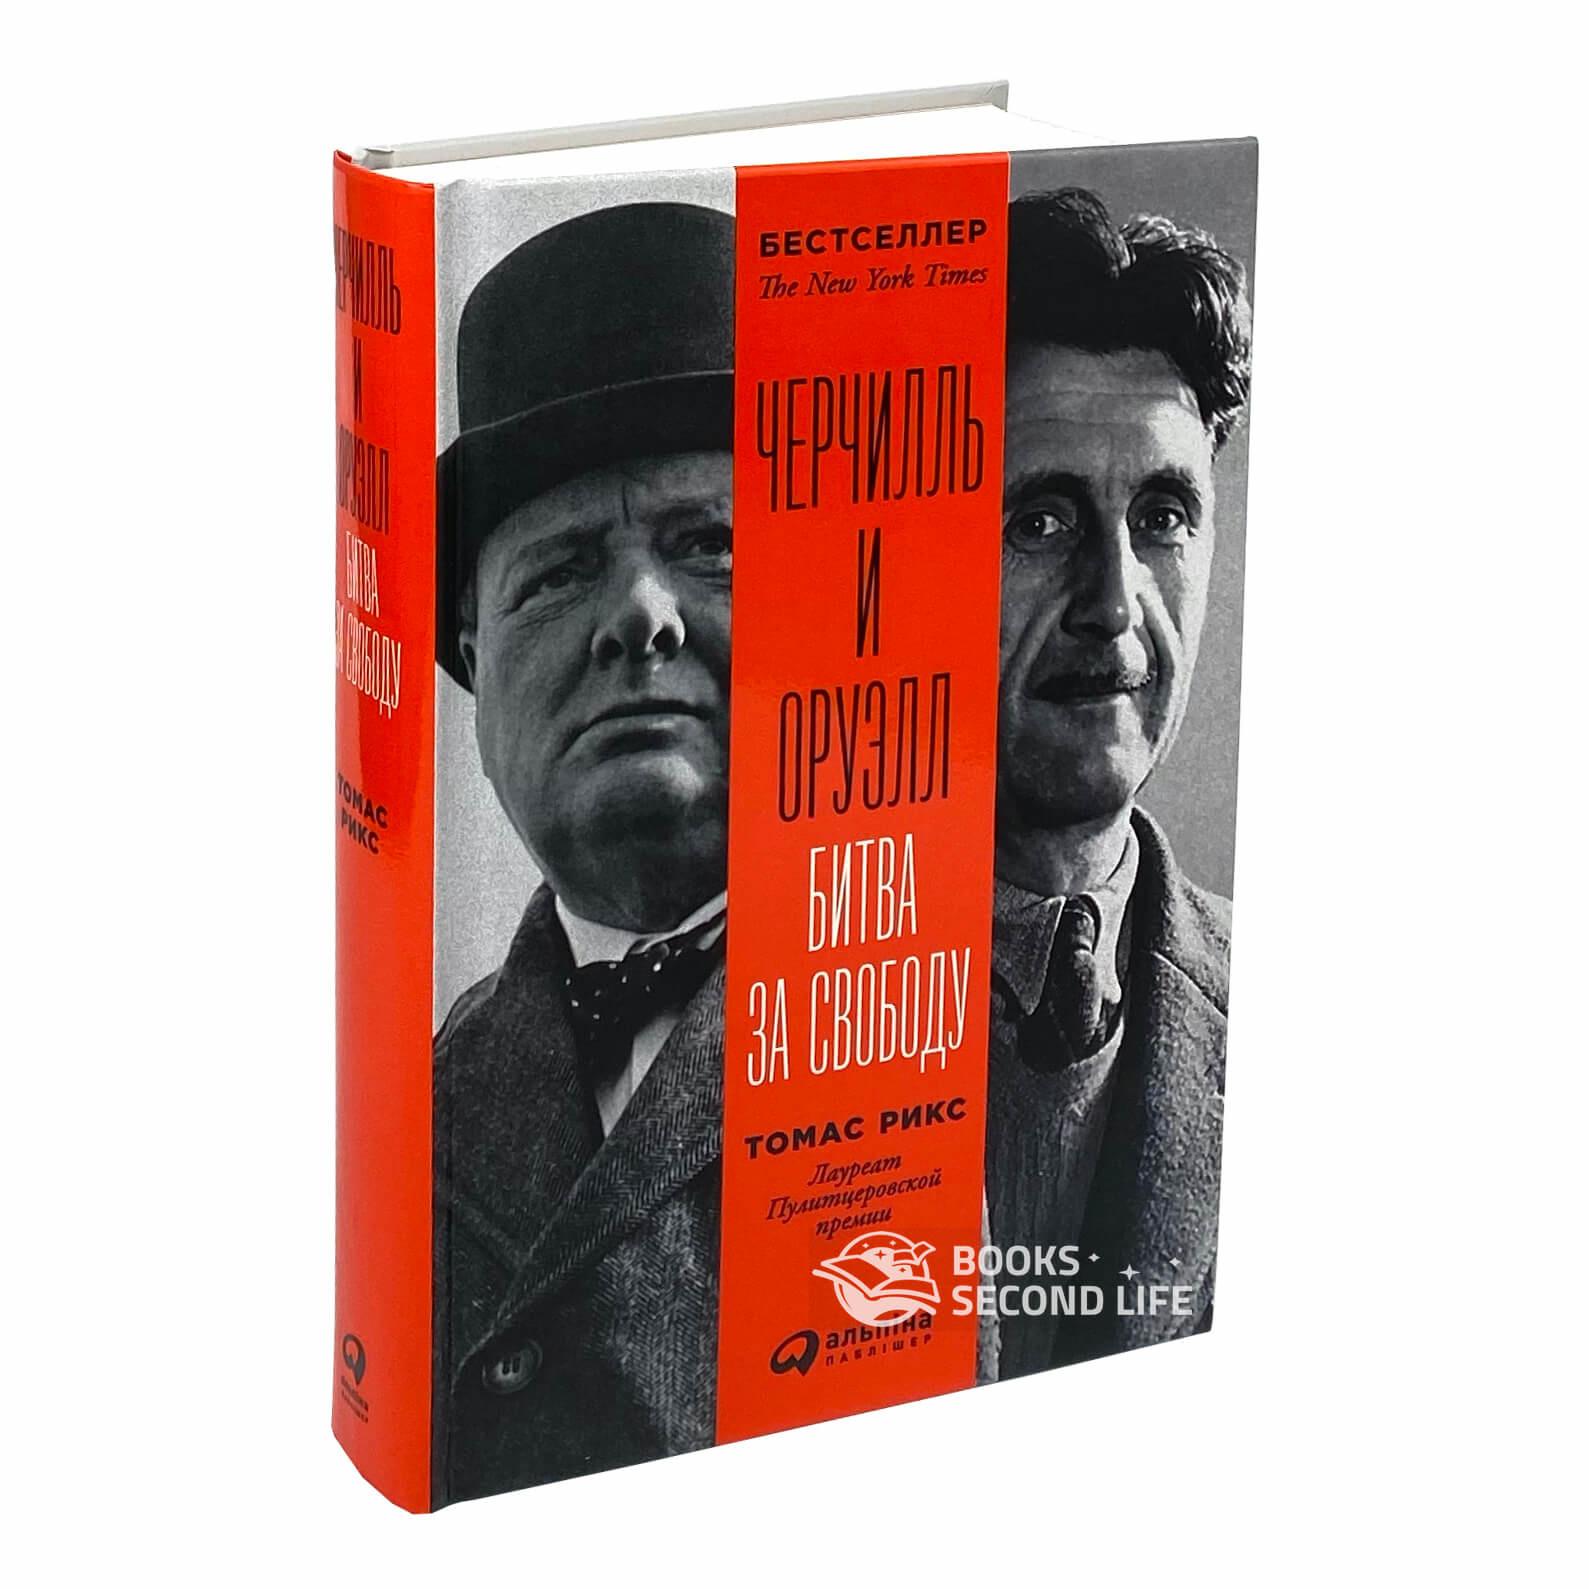 Черчилль и Оруэлл. Битва за свободу. Автор — Томас Рикс. Переплет —